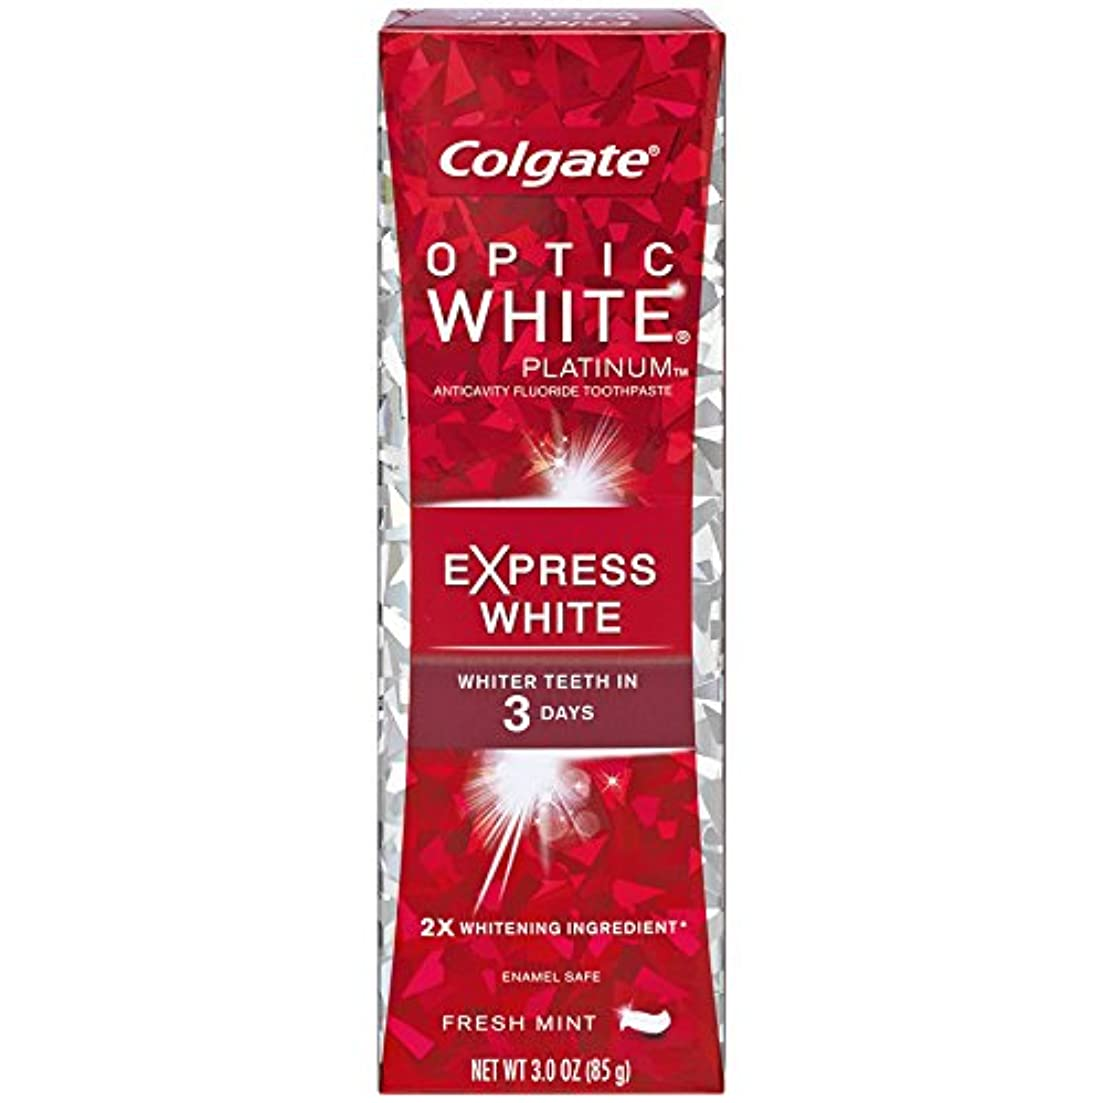 戦闘ギャザー火山学コルゲート 歯みがき粉 オプティック ホワイト 3Days エクスプレス ホワイト